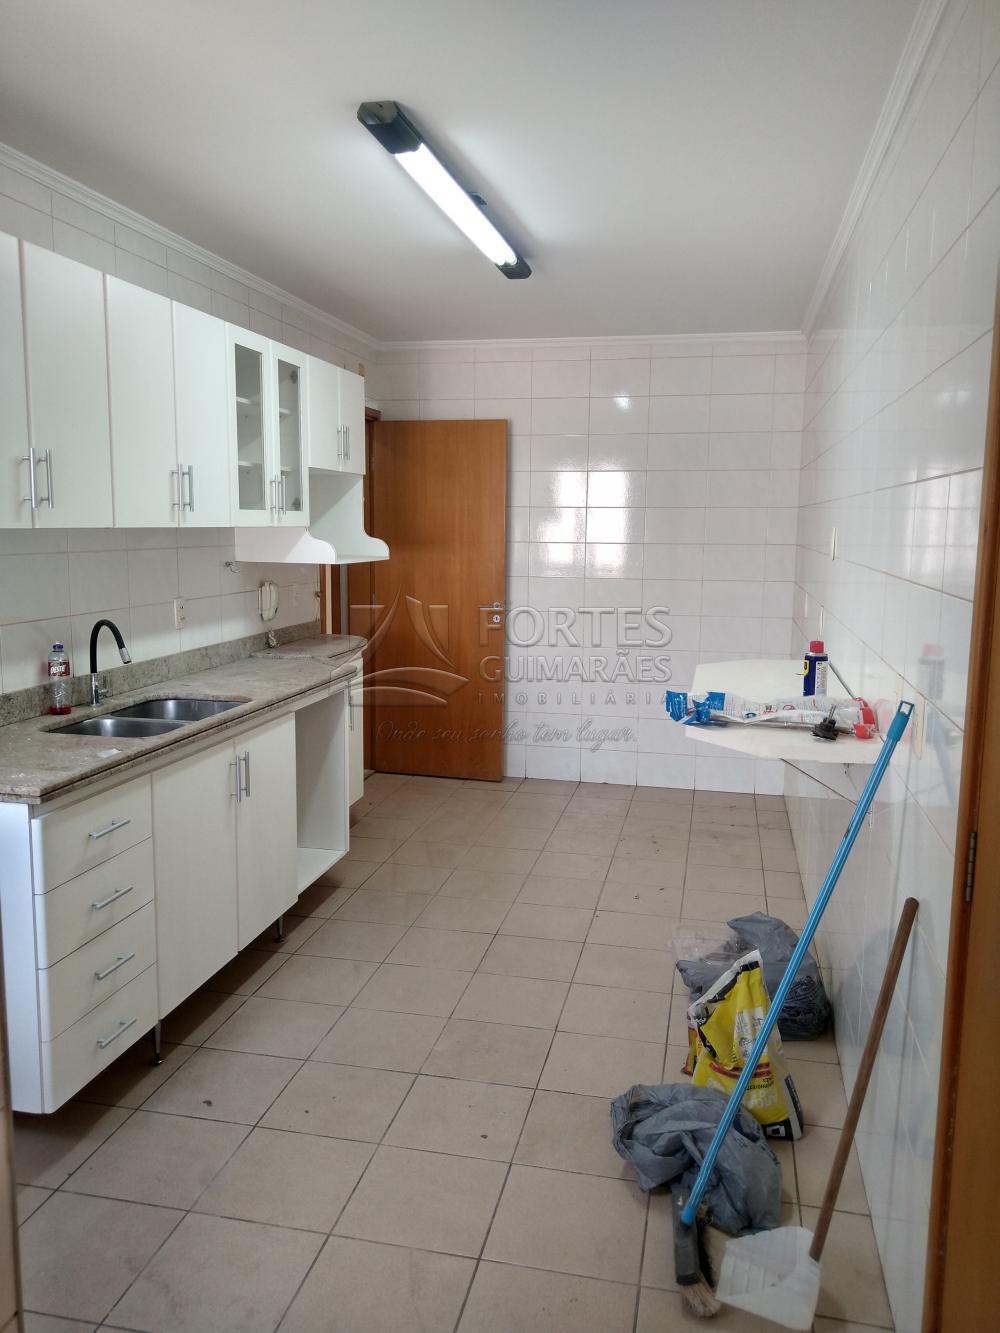 Alugar Apartamentos / Padrão em Ribeirão Preto apenas R$ 1.600,00 - Foto 17